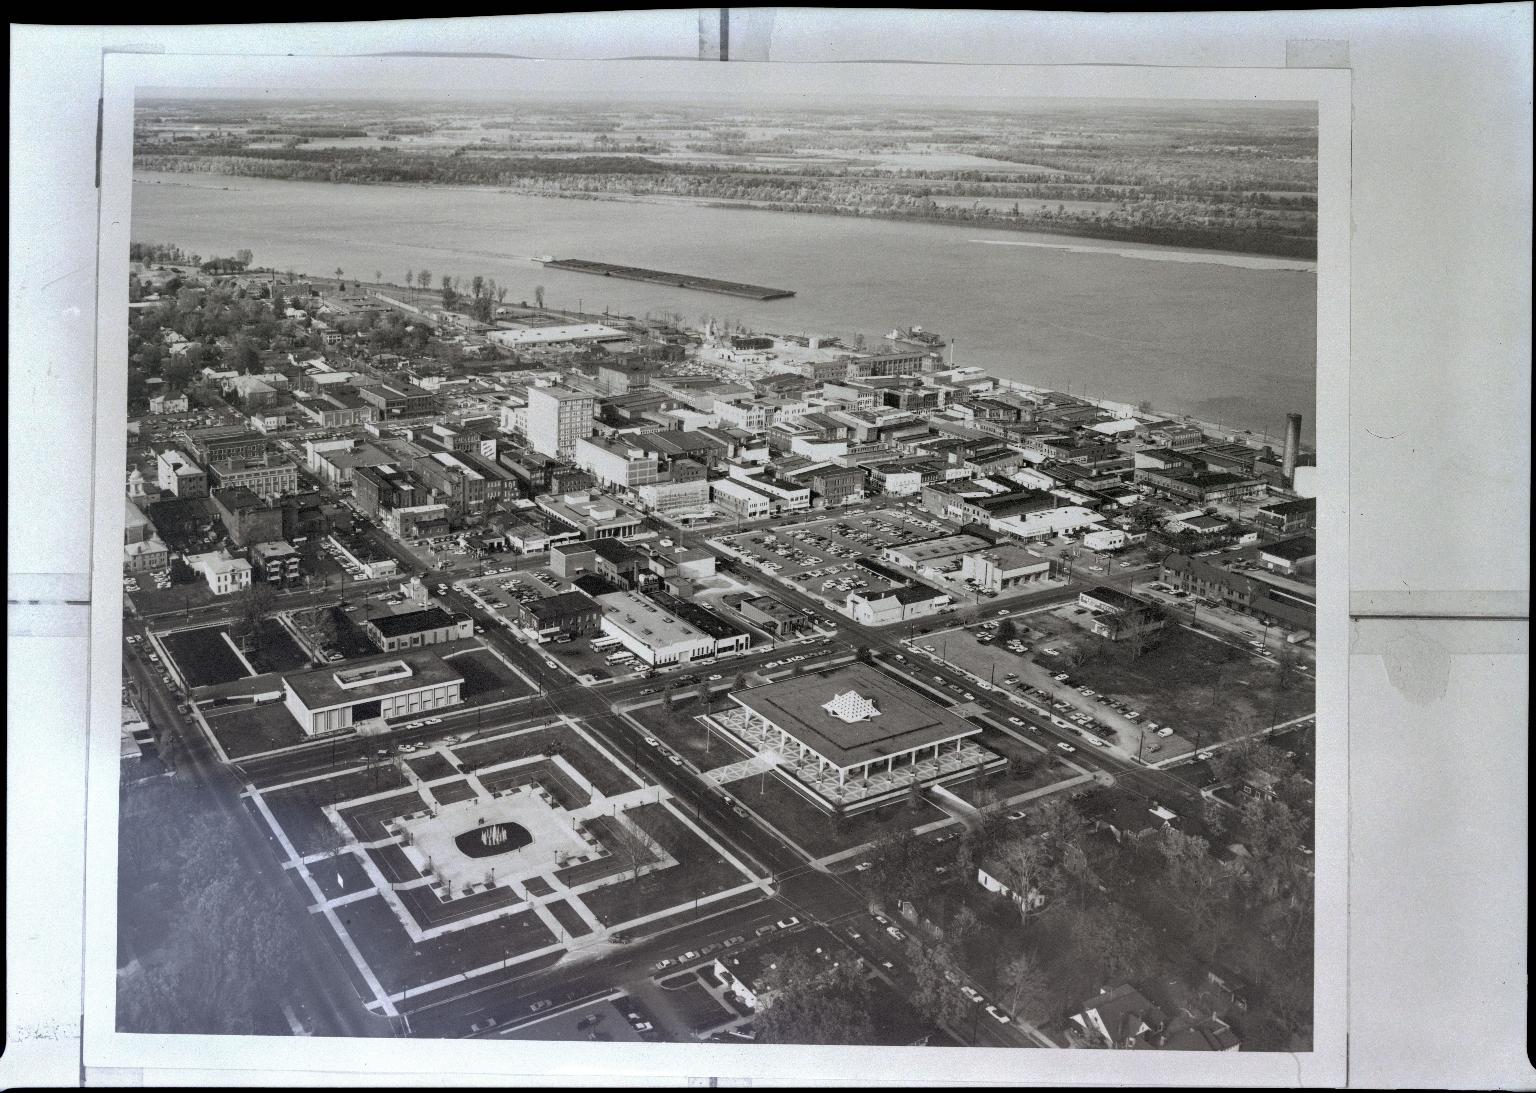 Aerial of Downtown Paducah